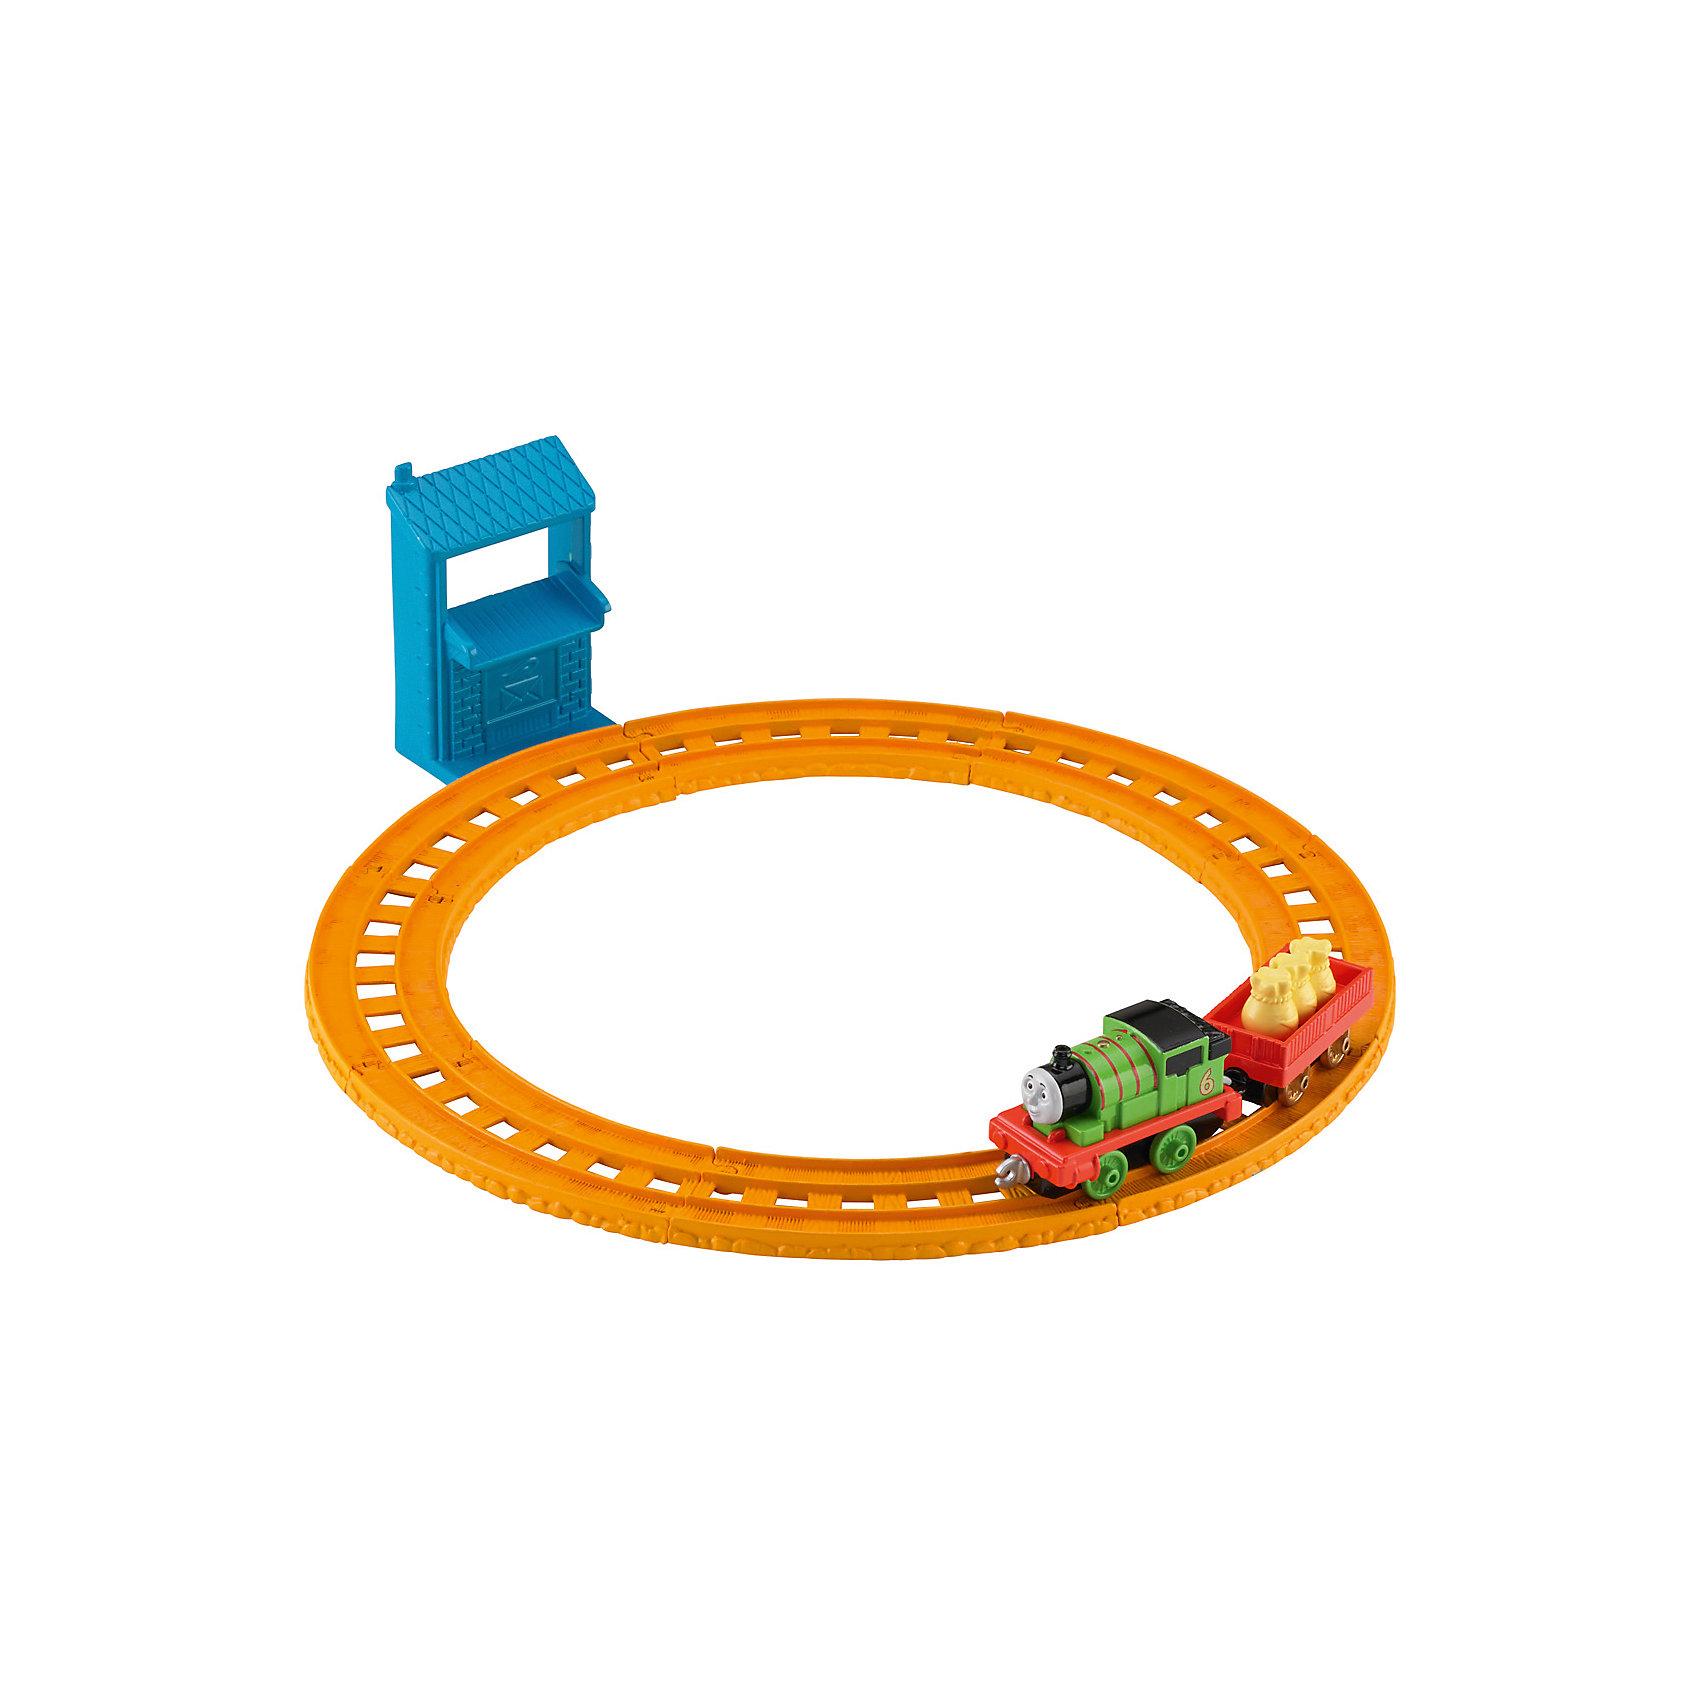 Базовый игровой набор, Томас и его друзьяТомас и его друзья<br>Базовый игровой набор - классический вариант железной дороги для Томаса и его друзей. В магазине представлено 3 варианта комплектации игрушки. Выберете свою! Каждый набор включает в себя коллекционный игрушечный паровозик и свою собственную станцию. В любой комплектации есть базовый вариант железной дороги. Для ее расширения стоит посмотреть дополнения к железной дороге. С новыми игрушками малыша будет очень сложно оторвать от столь увлекательного занятия! Материалы, использованные при изготовлении игрушек, сертифицированы, полностью безопасны для детей и отвечают всем требованиям по качеству.<br><br>Дополнительная информация:<br><br>цвет: разноцветный;<br>размер упаковки: 250 х 160 х 50 мм;<br>комлектация: детали для сборки железной дороги, паровозик, вагончик, почтовый пункт;<br>материал: высококачественный пластик.<br><br>Базовый игровой набор «Томас и его друзья» от компании Mattel можно приобрести в нашем магазине<br><br>Ширина мм: 55<br>Глубина мм: 260<br>Высота мм: 160<br>Вес г: 256<br>Возраст от месяцев: 36<br>Возраст до месяцев: 120<br>Пол: Мужской<br>Возраст: Детский<br>SKU: 5004524